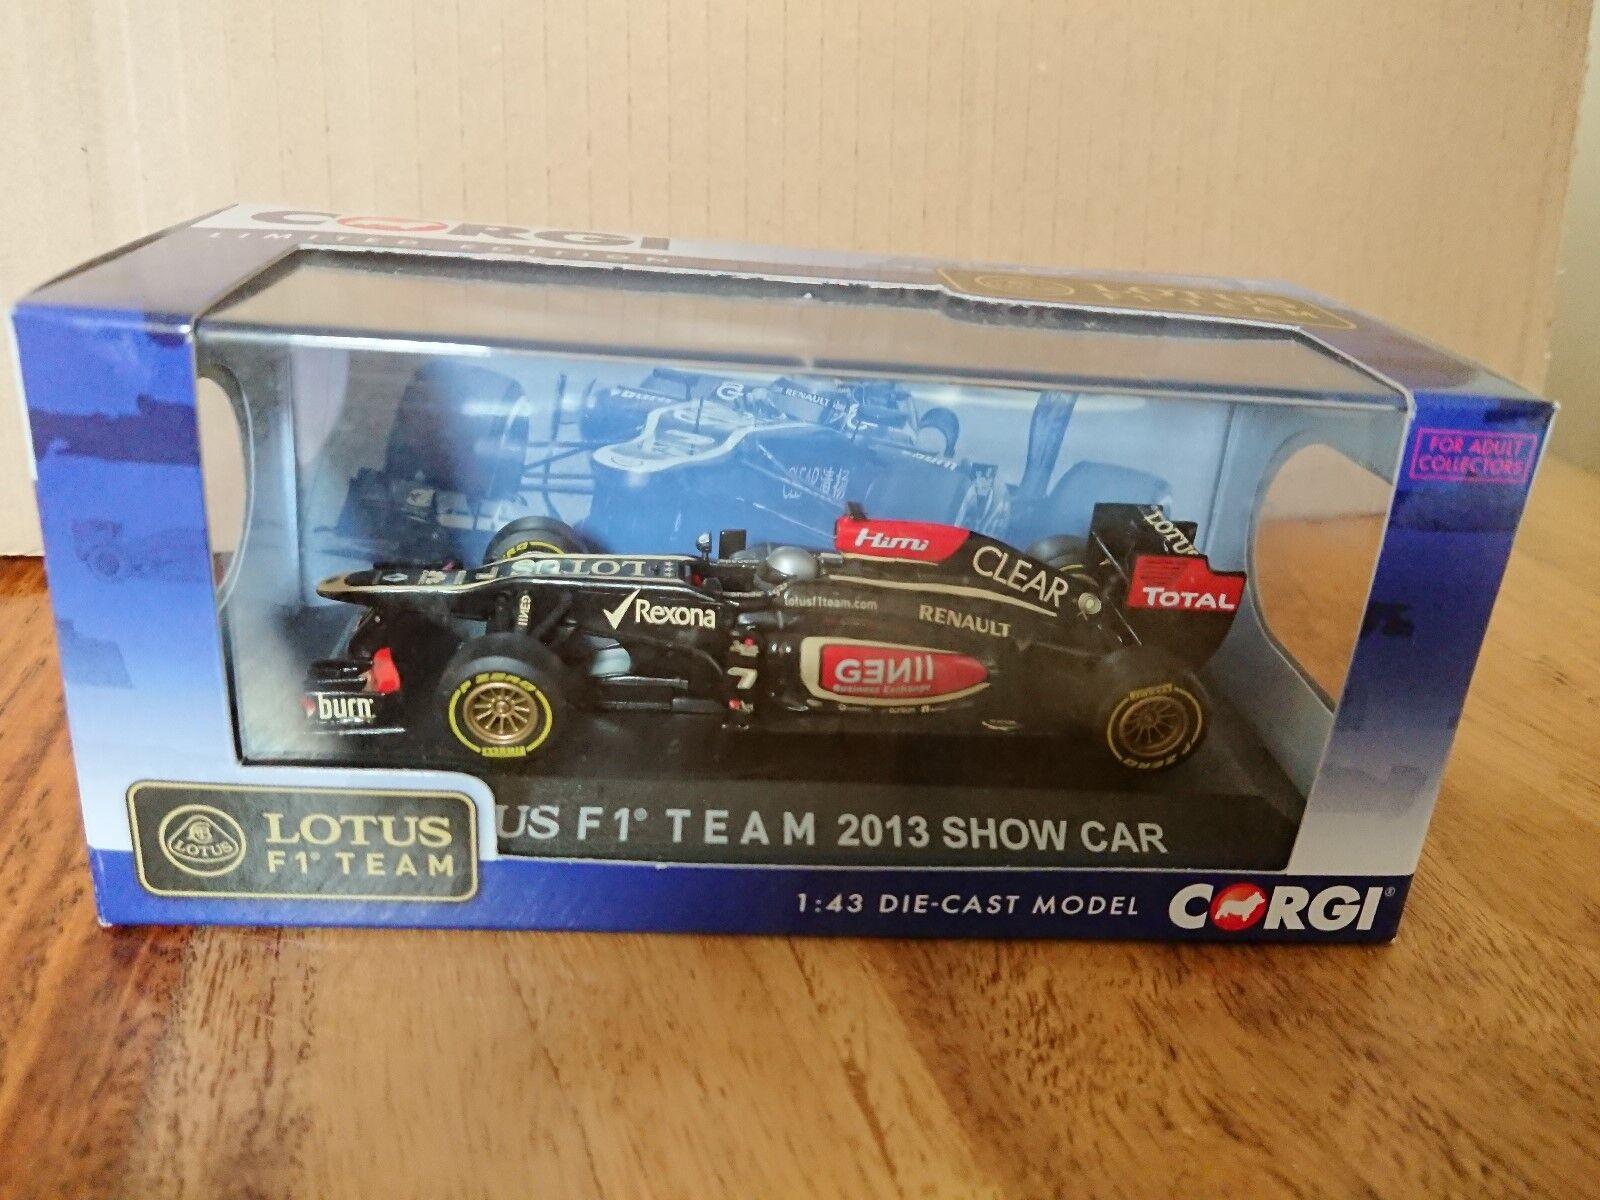 Corgi CC56404 Lotus F1 Team E20 2013 Show Car Ltd Edition No. 0001 of ONLY 1000